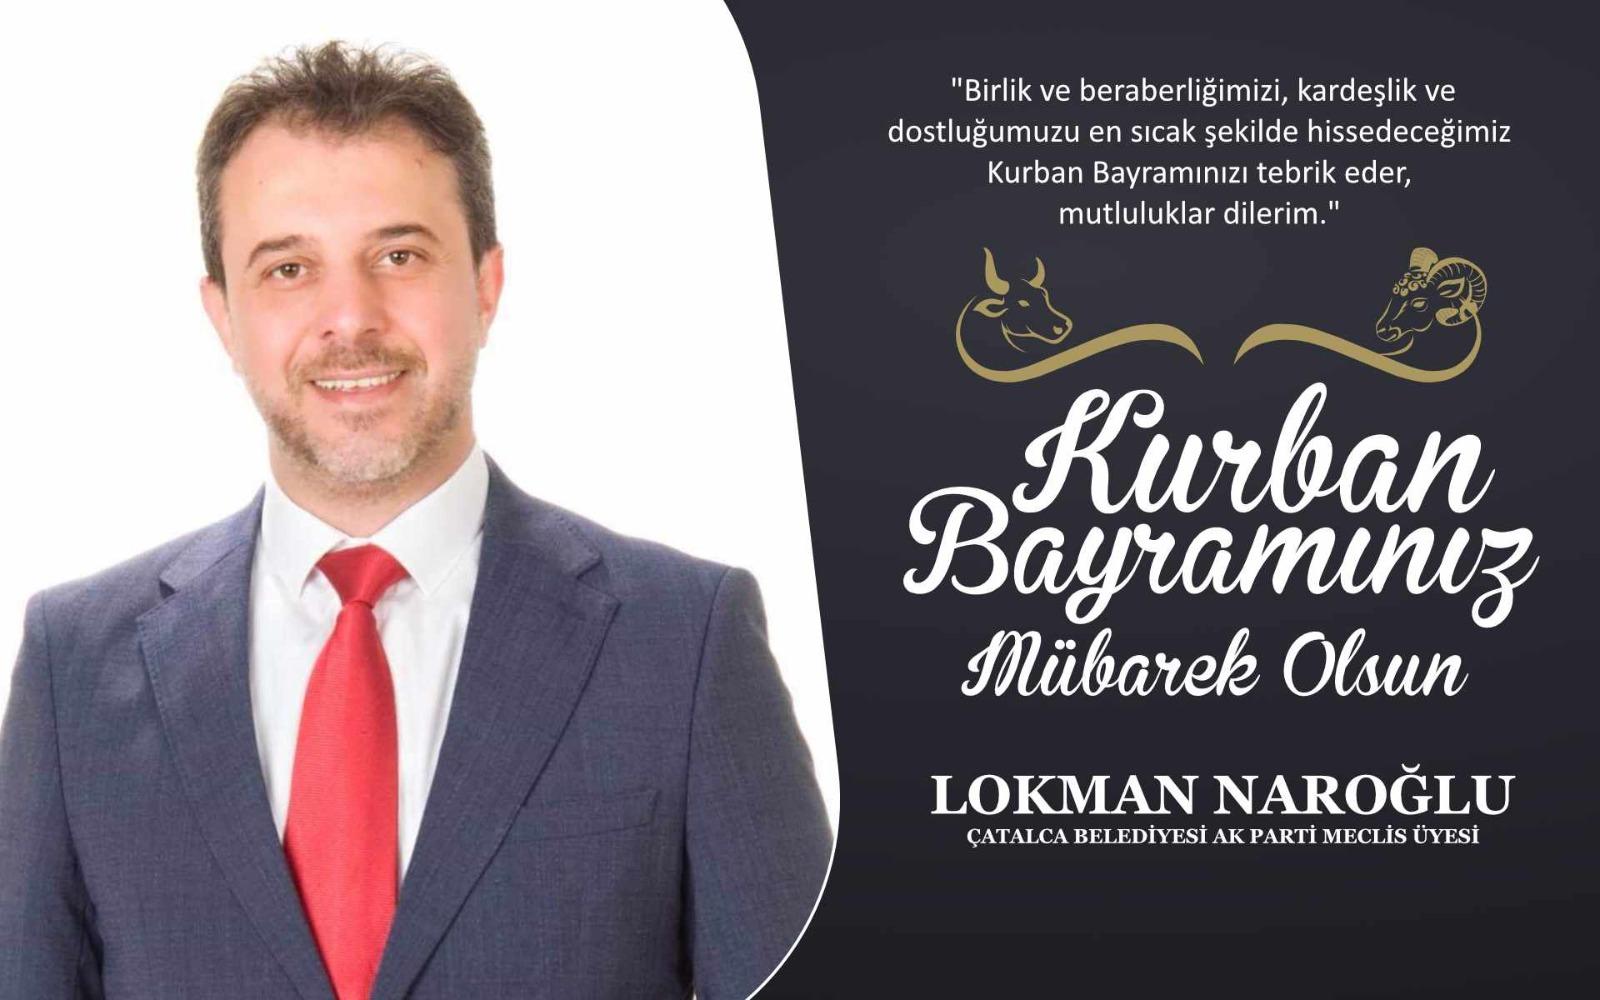 Lokman Naroğlu'ndan Kurban Bayramı Kutlama Mesajı